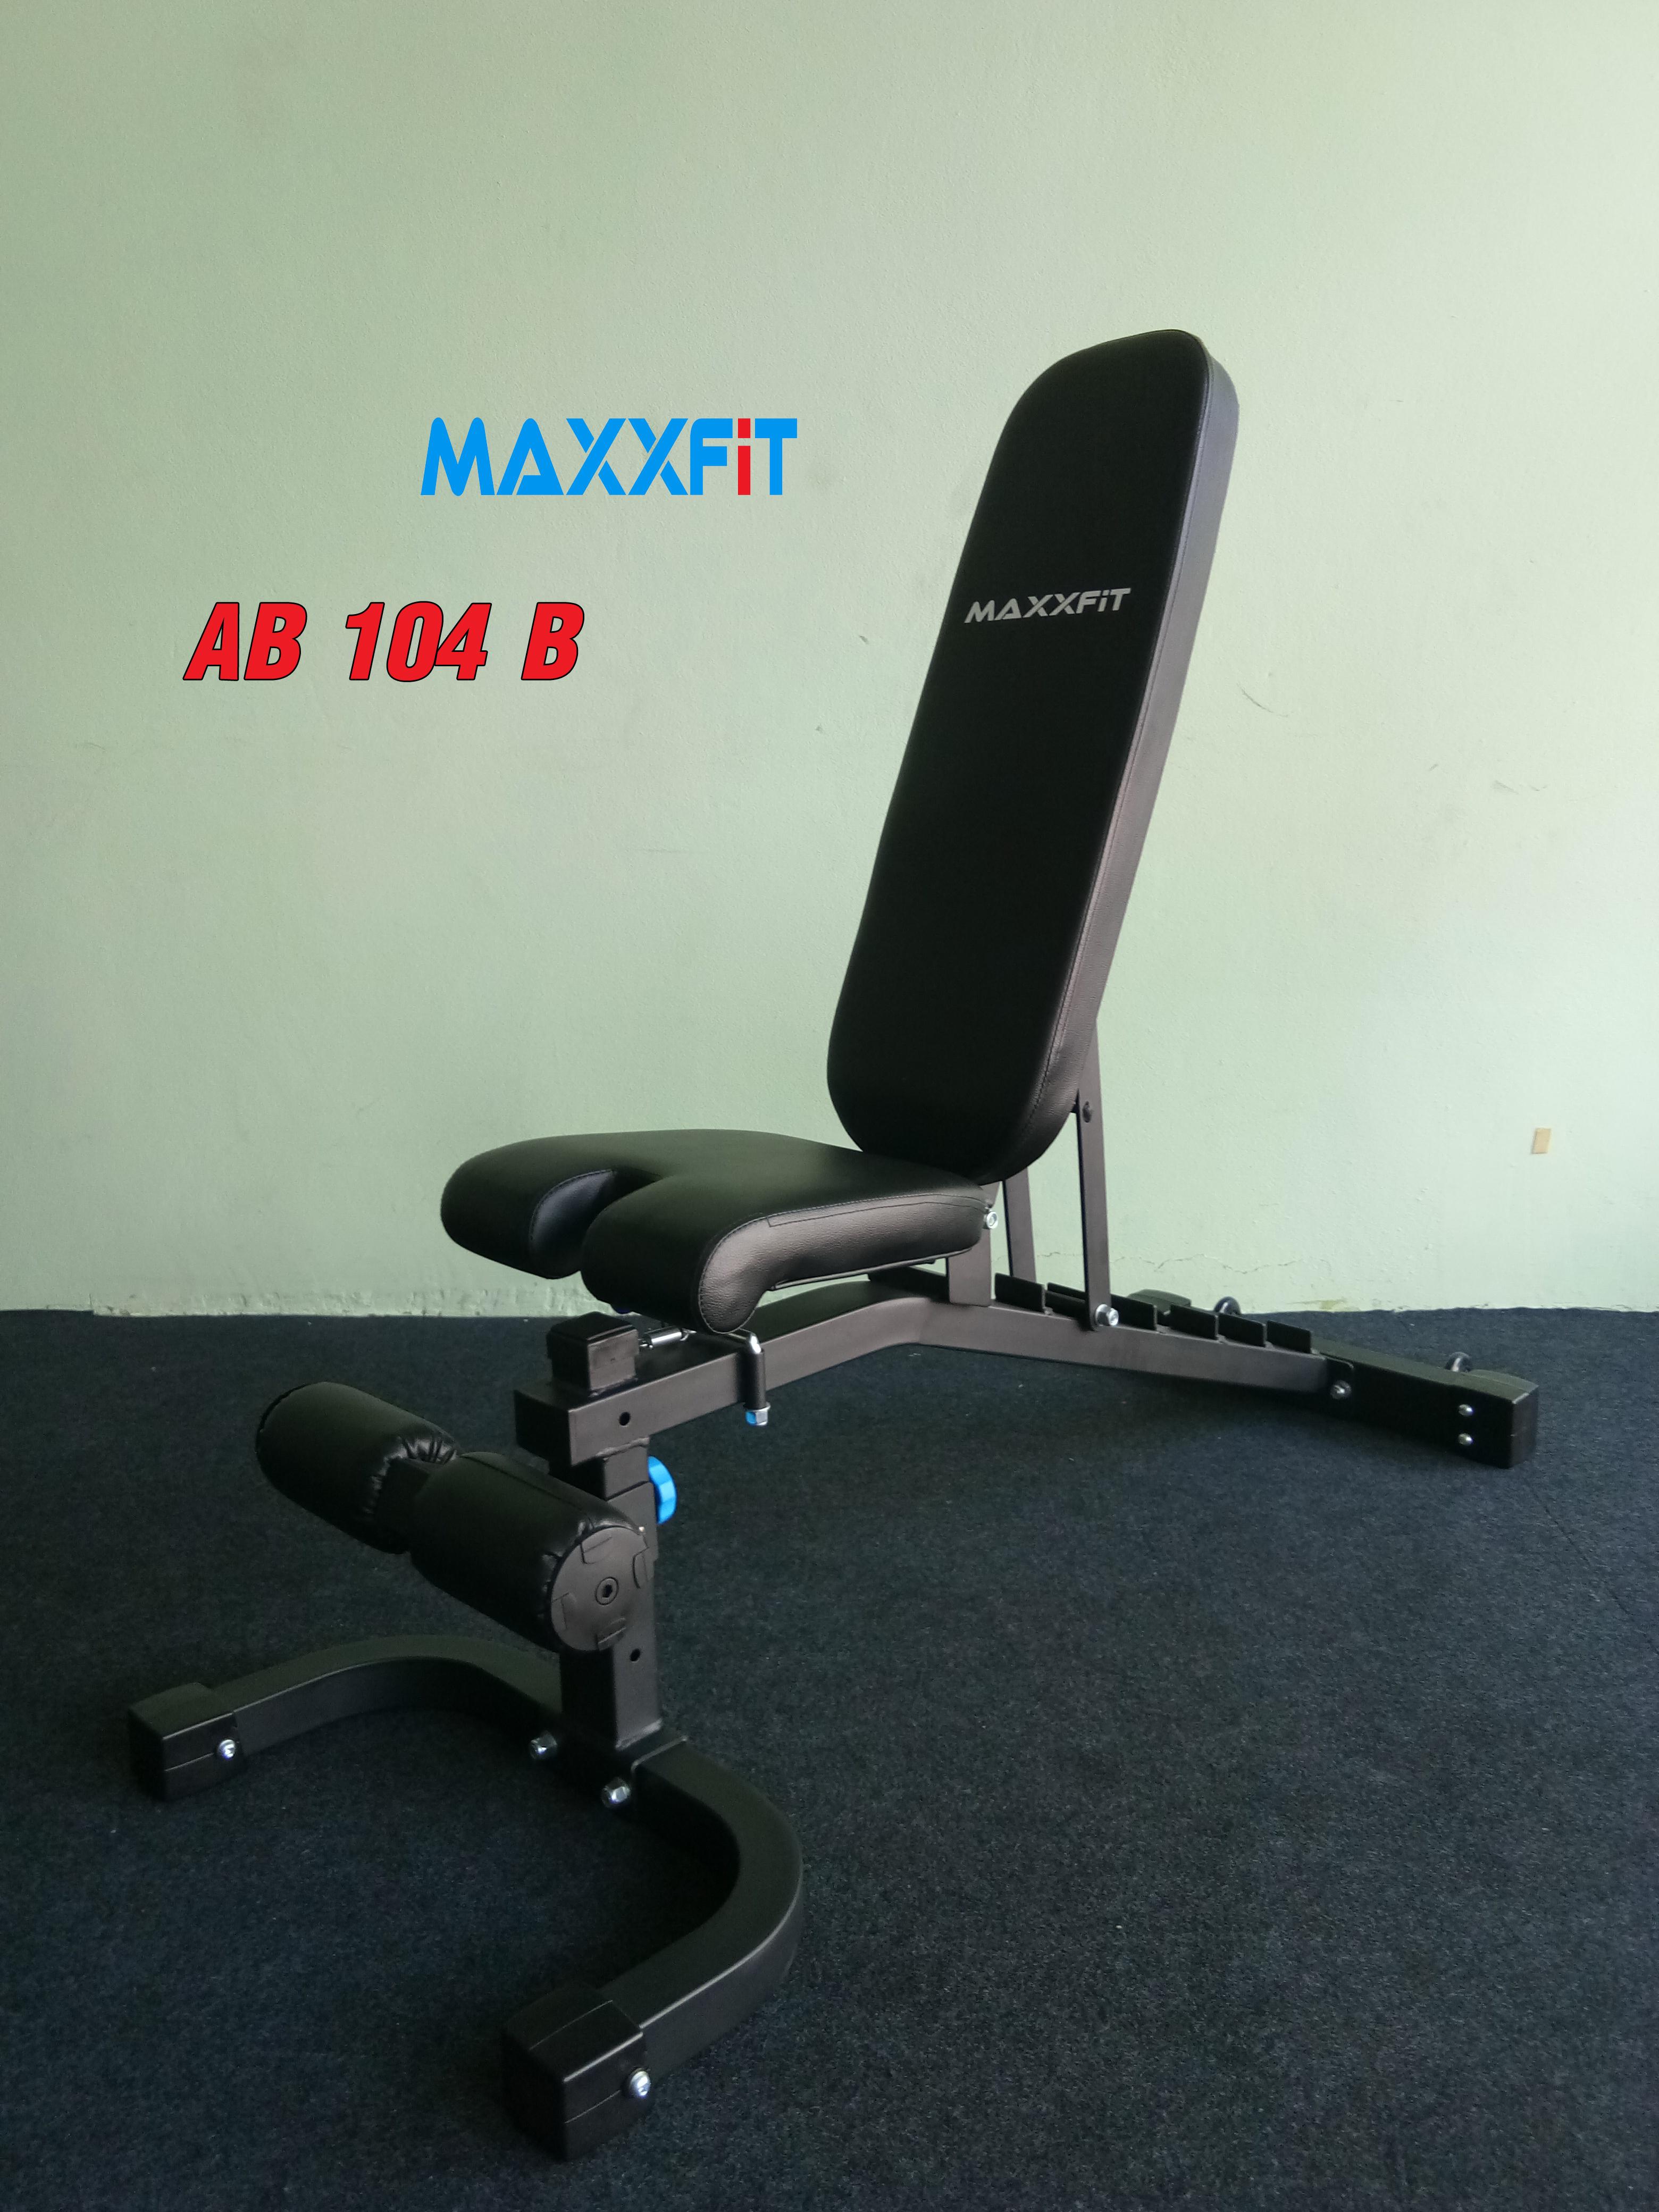 เก้าอี้ยกดัมเบล MAXXFiT รุ่น AB 104 B